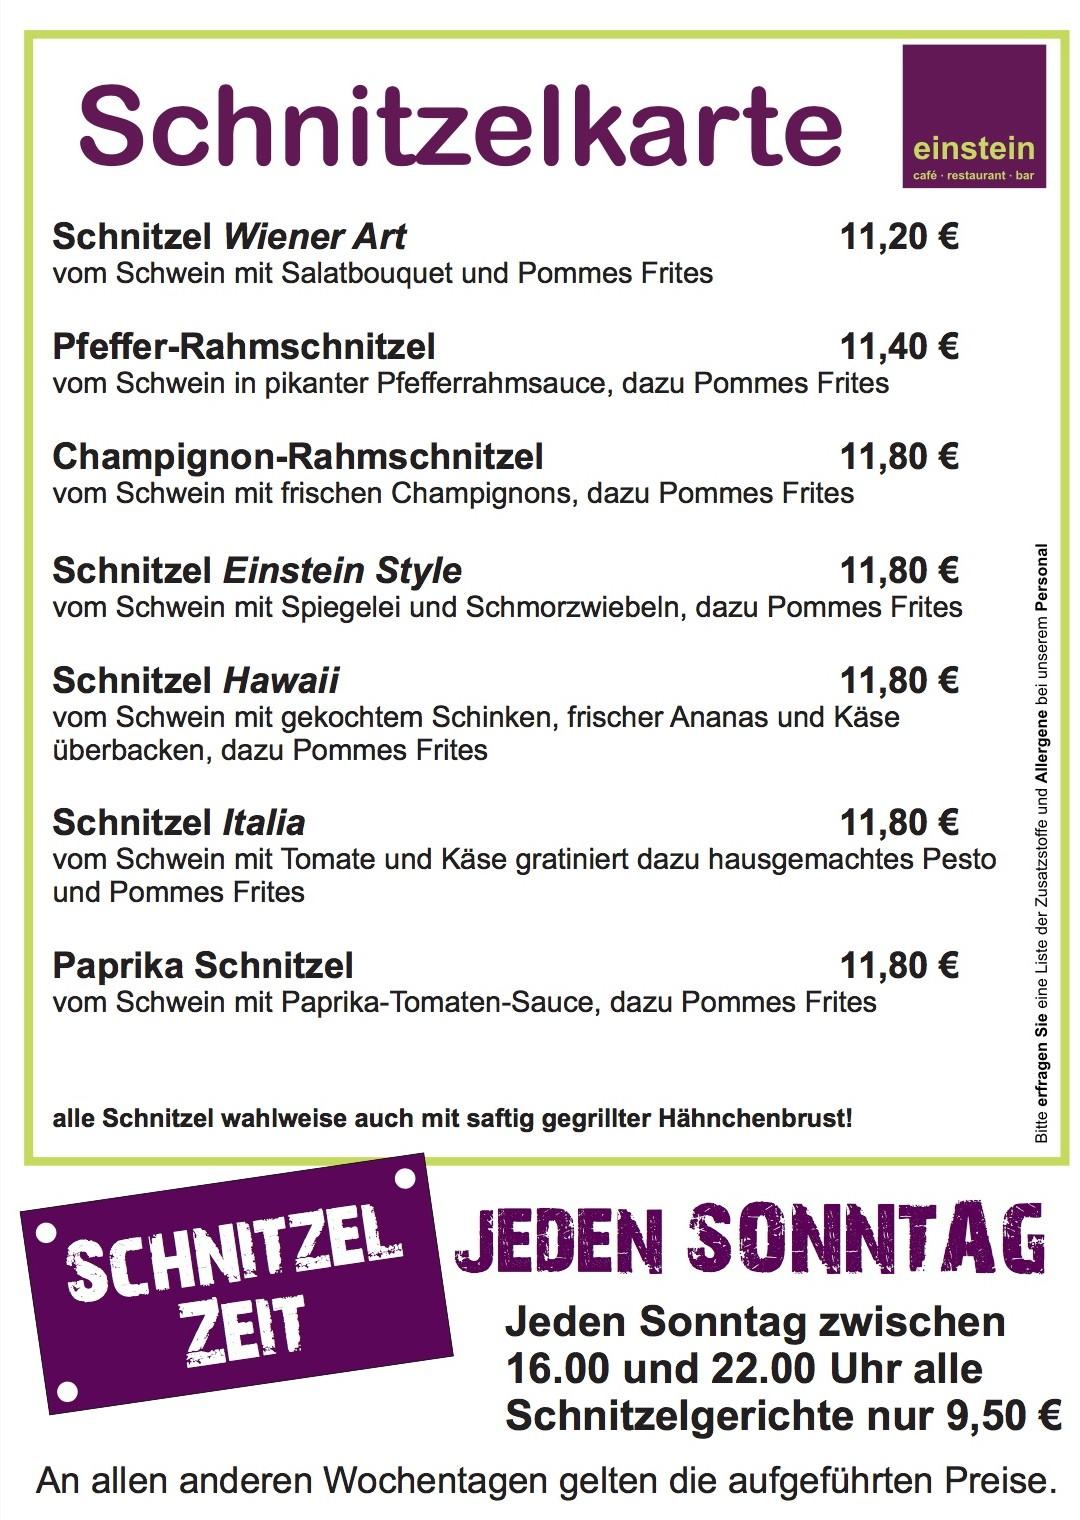 SchnitzelZeit_2017.jpg